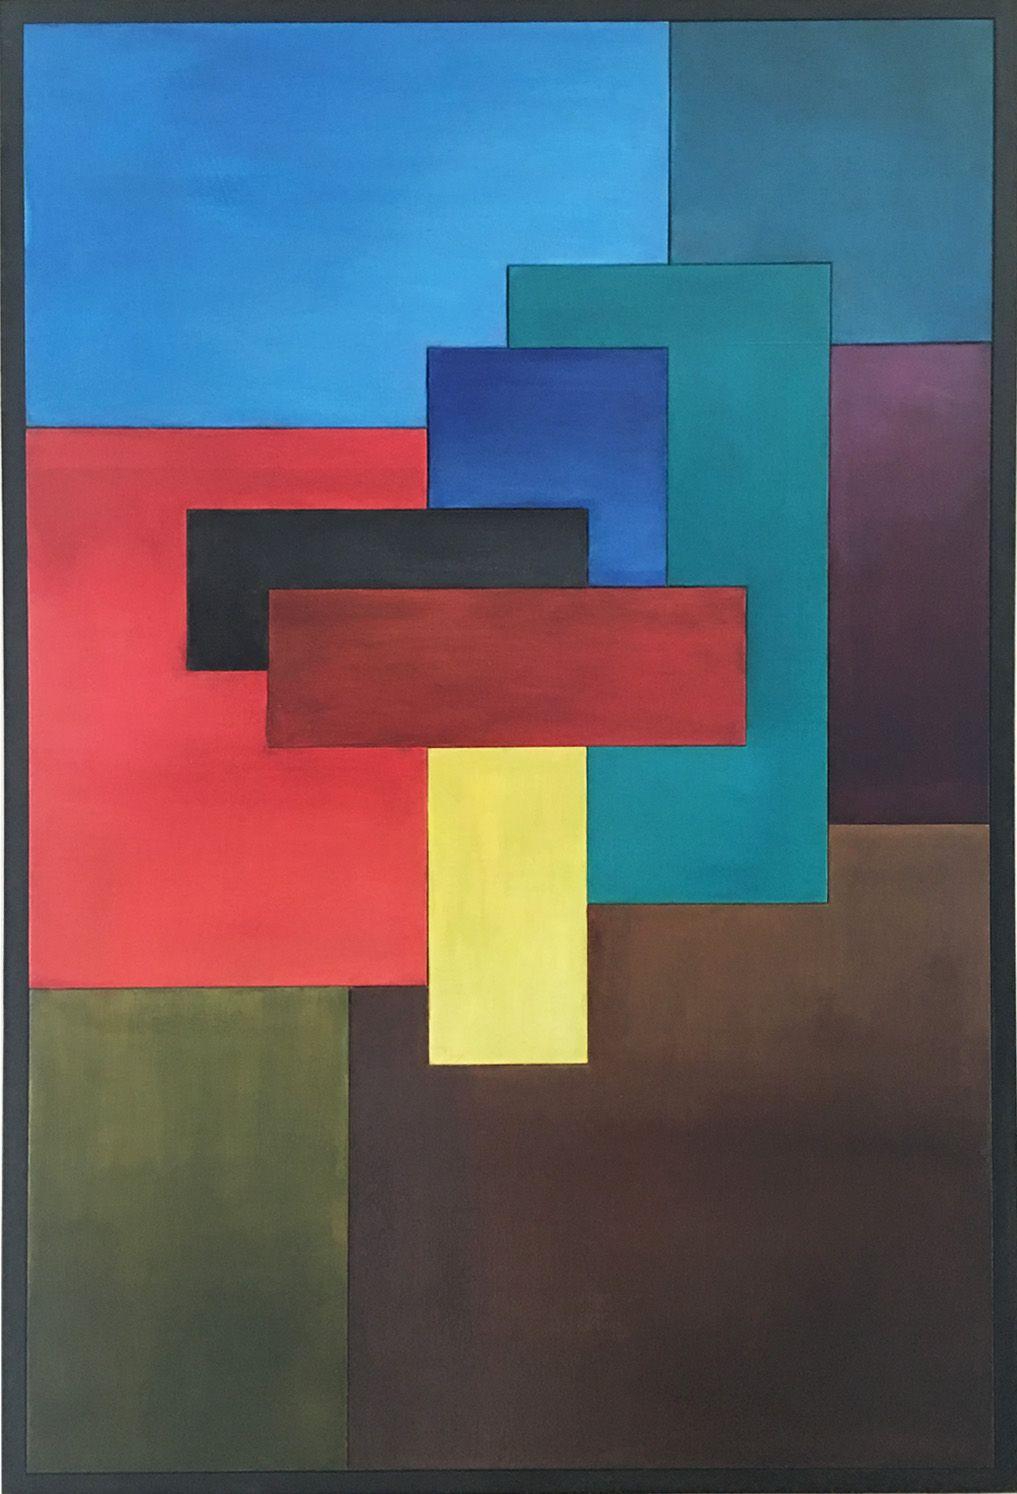 tableau en bois peint peinture l 39 huile le temps 60x90 cm prix 1650 art contemporain. Black Bedroom Furniture Sets. Home Design Ideas